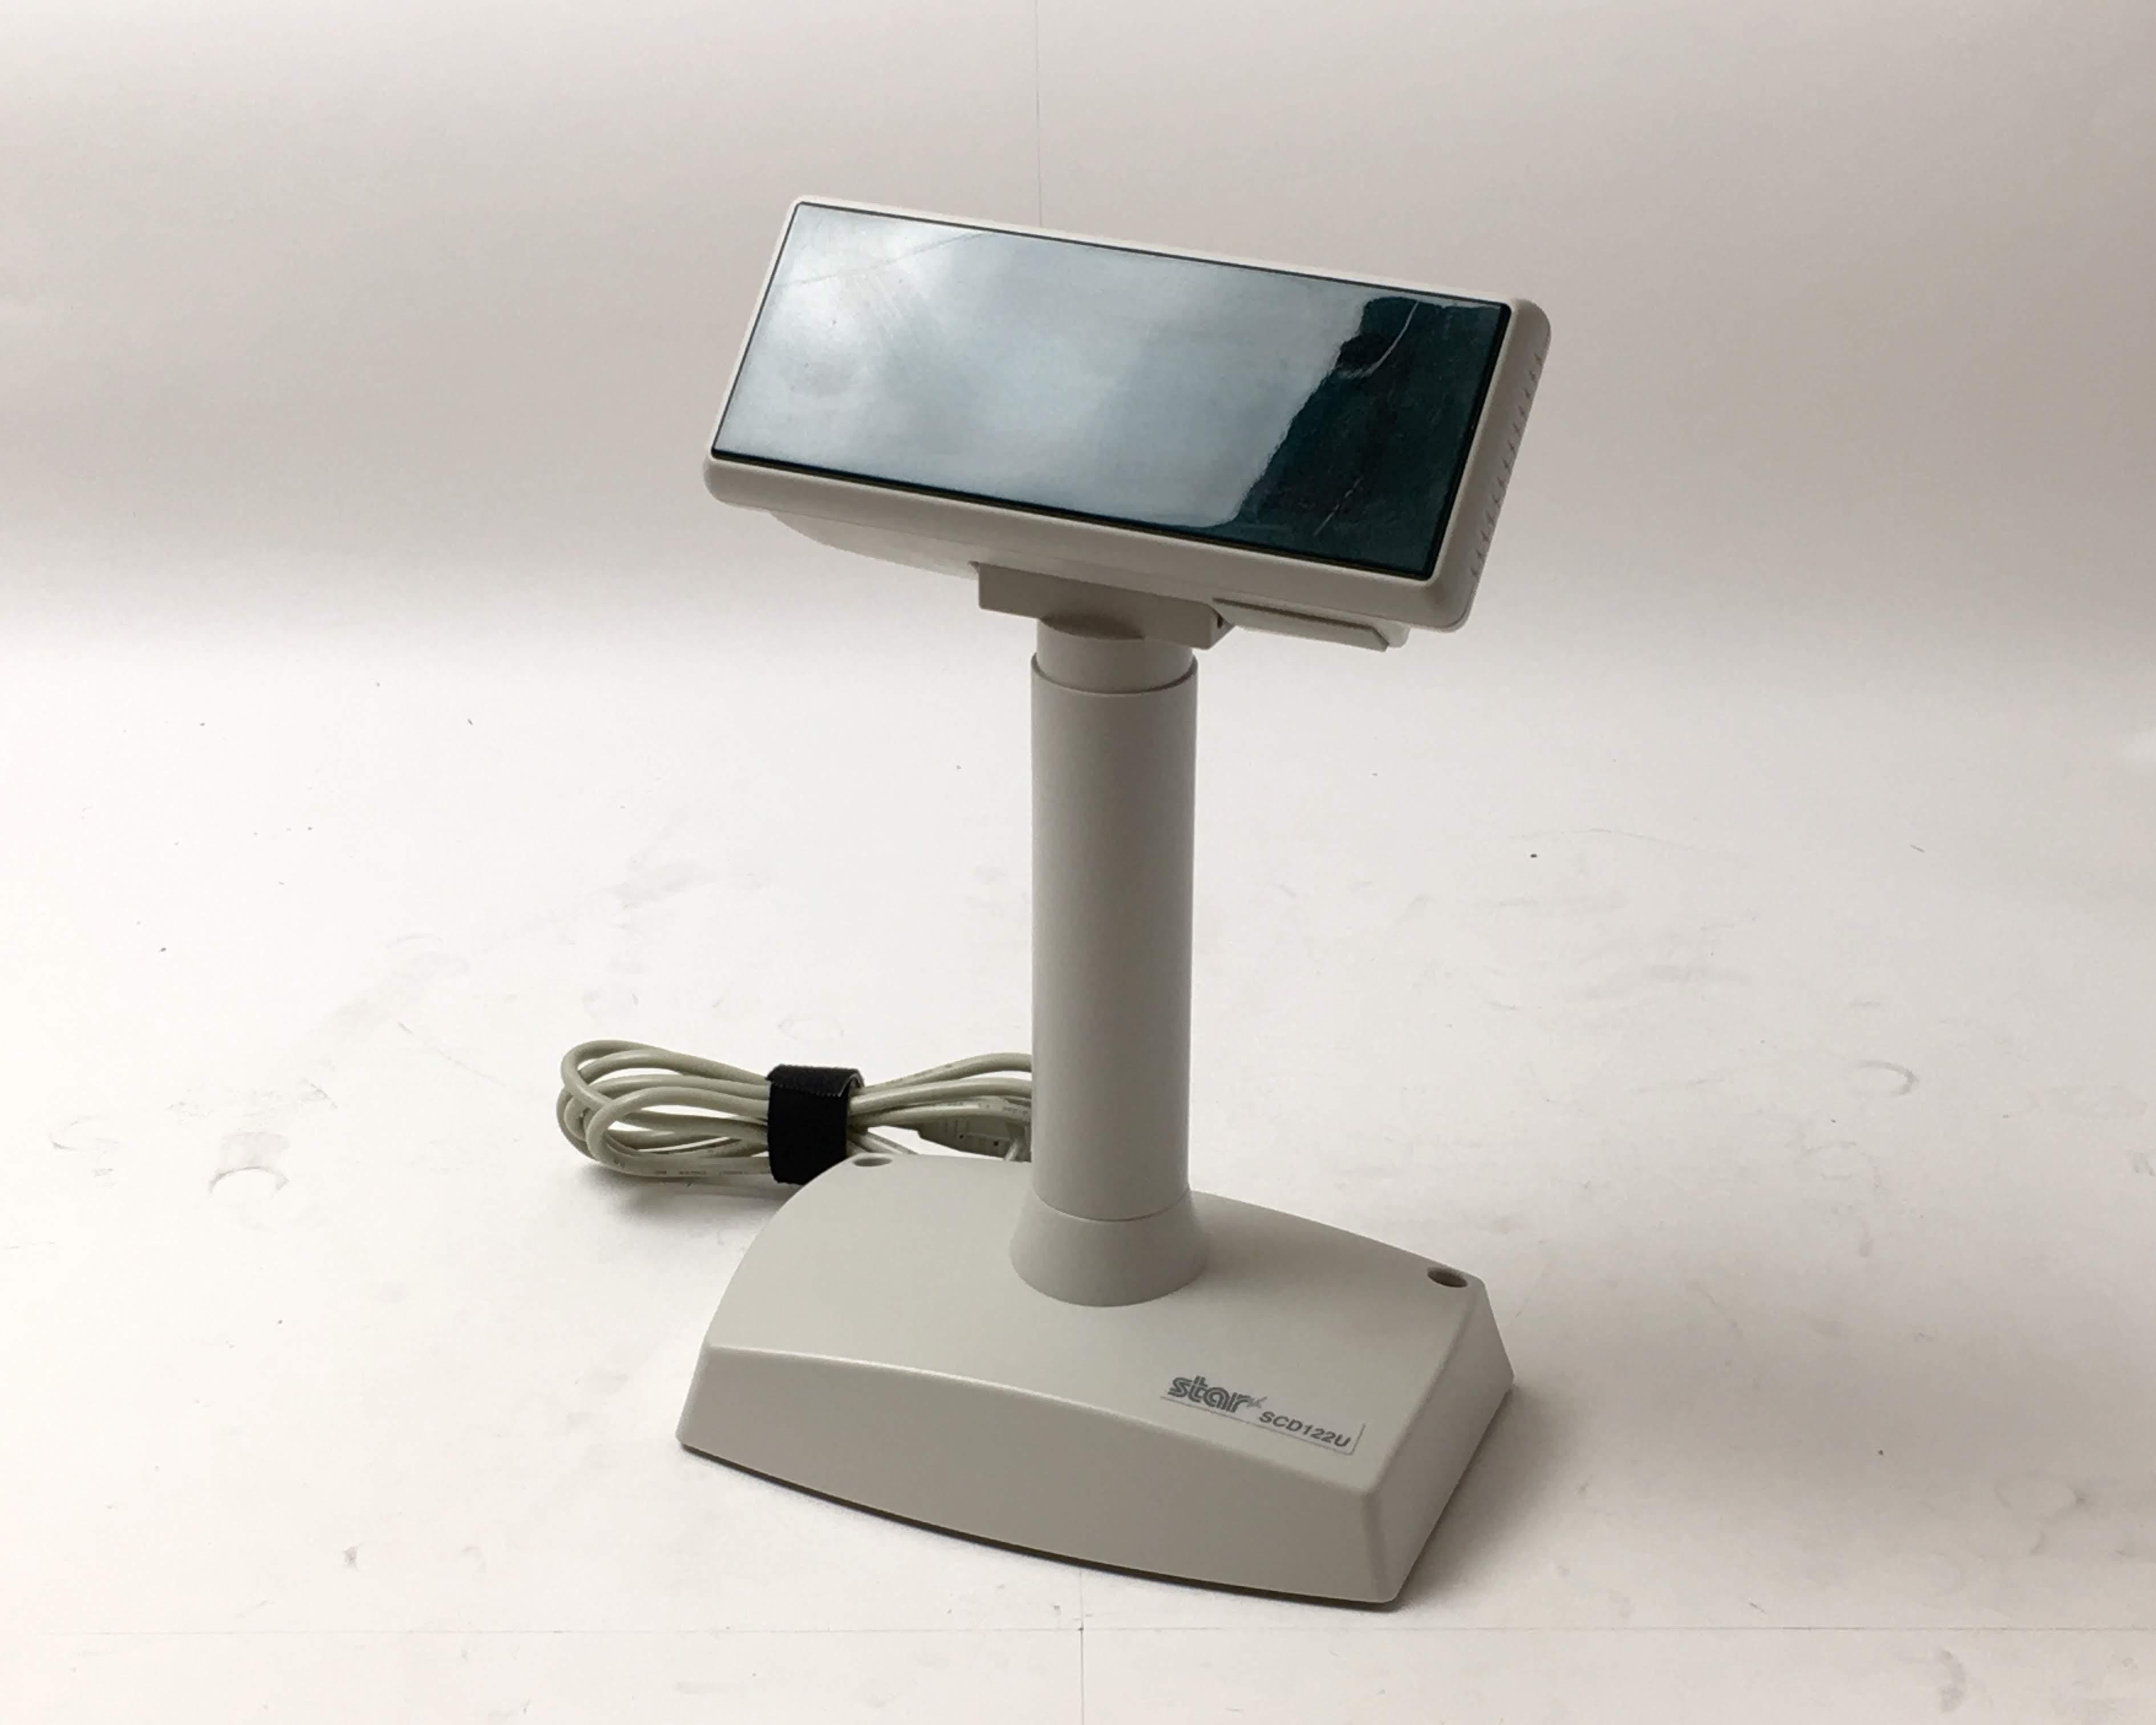 【中古】カスタマーディスプレイ スター精密 SCD122U (USB) メイン画像